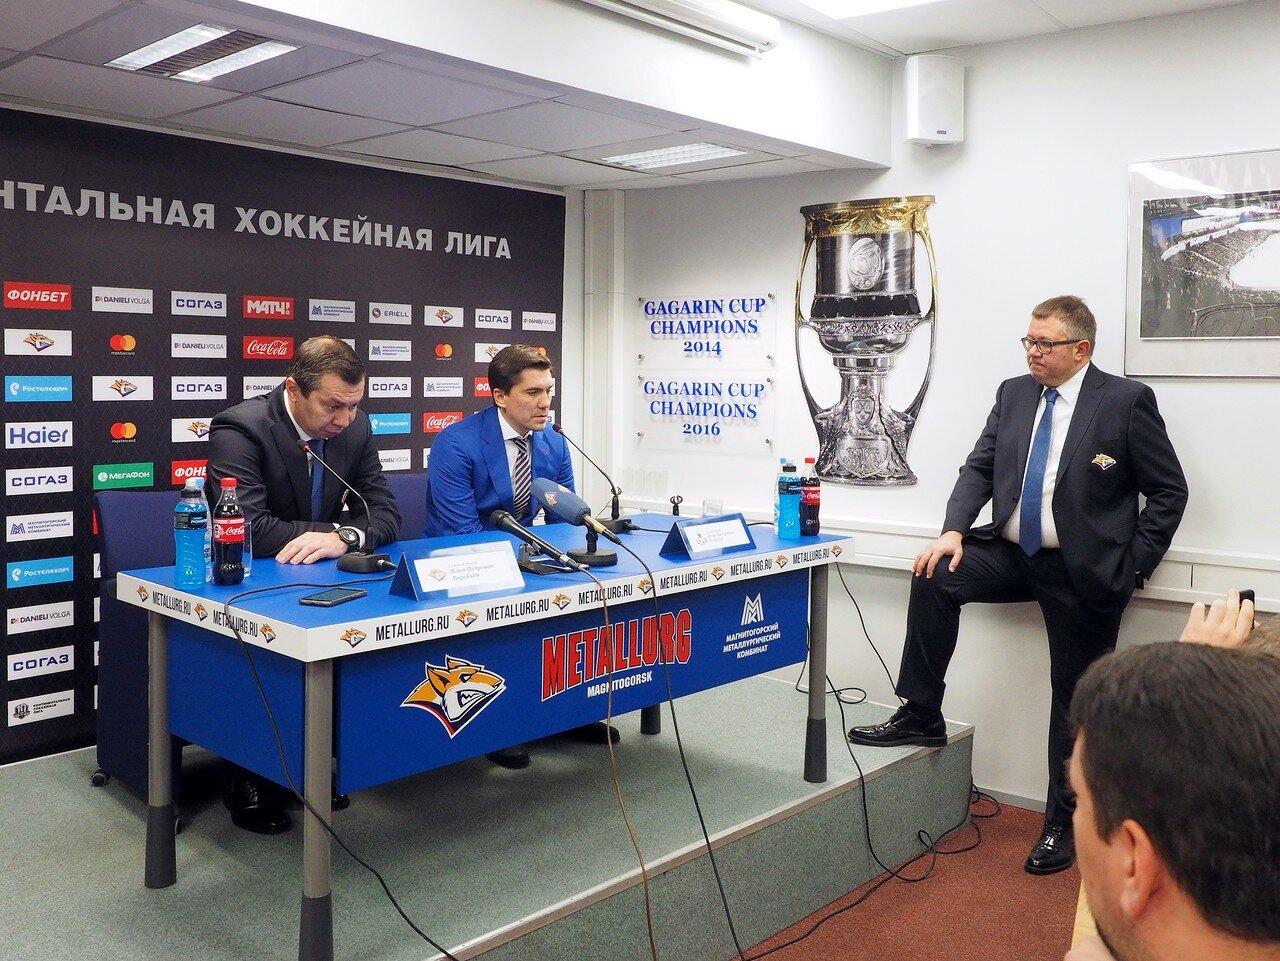 198 Металлург - ЦСКА 18.10.2017